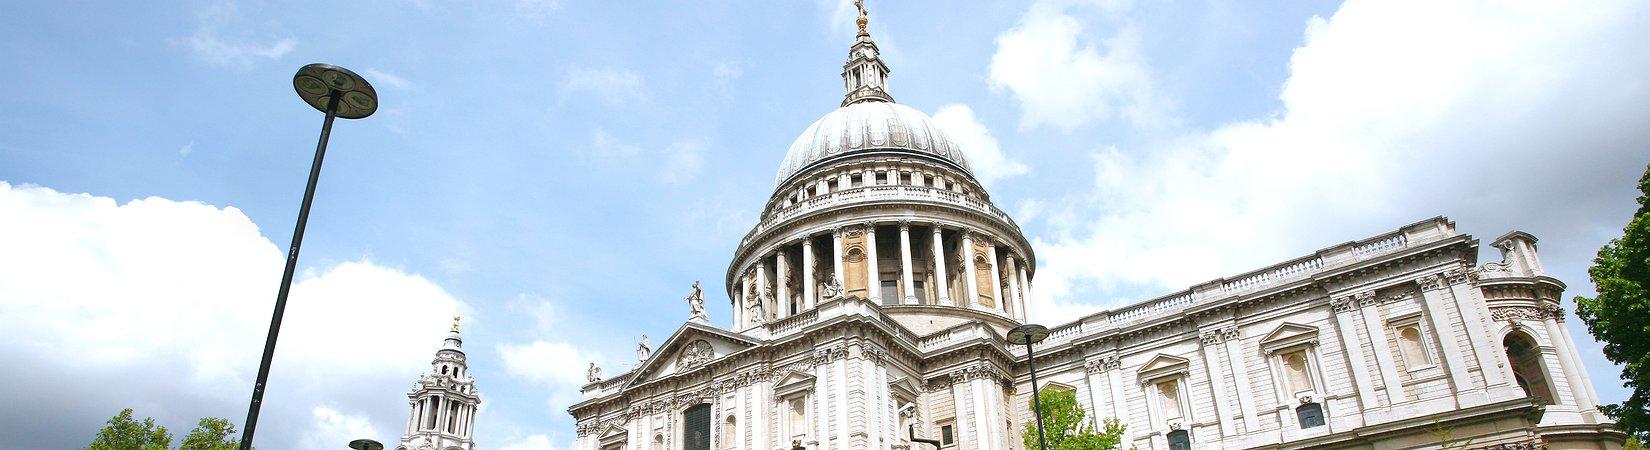 Фонд Церкви Англии стал одним из самых доходных в мире